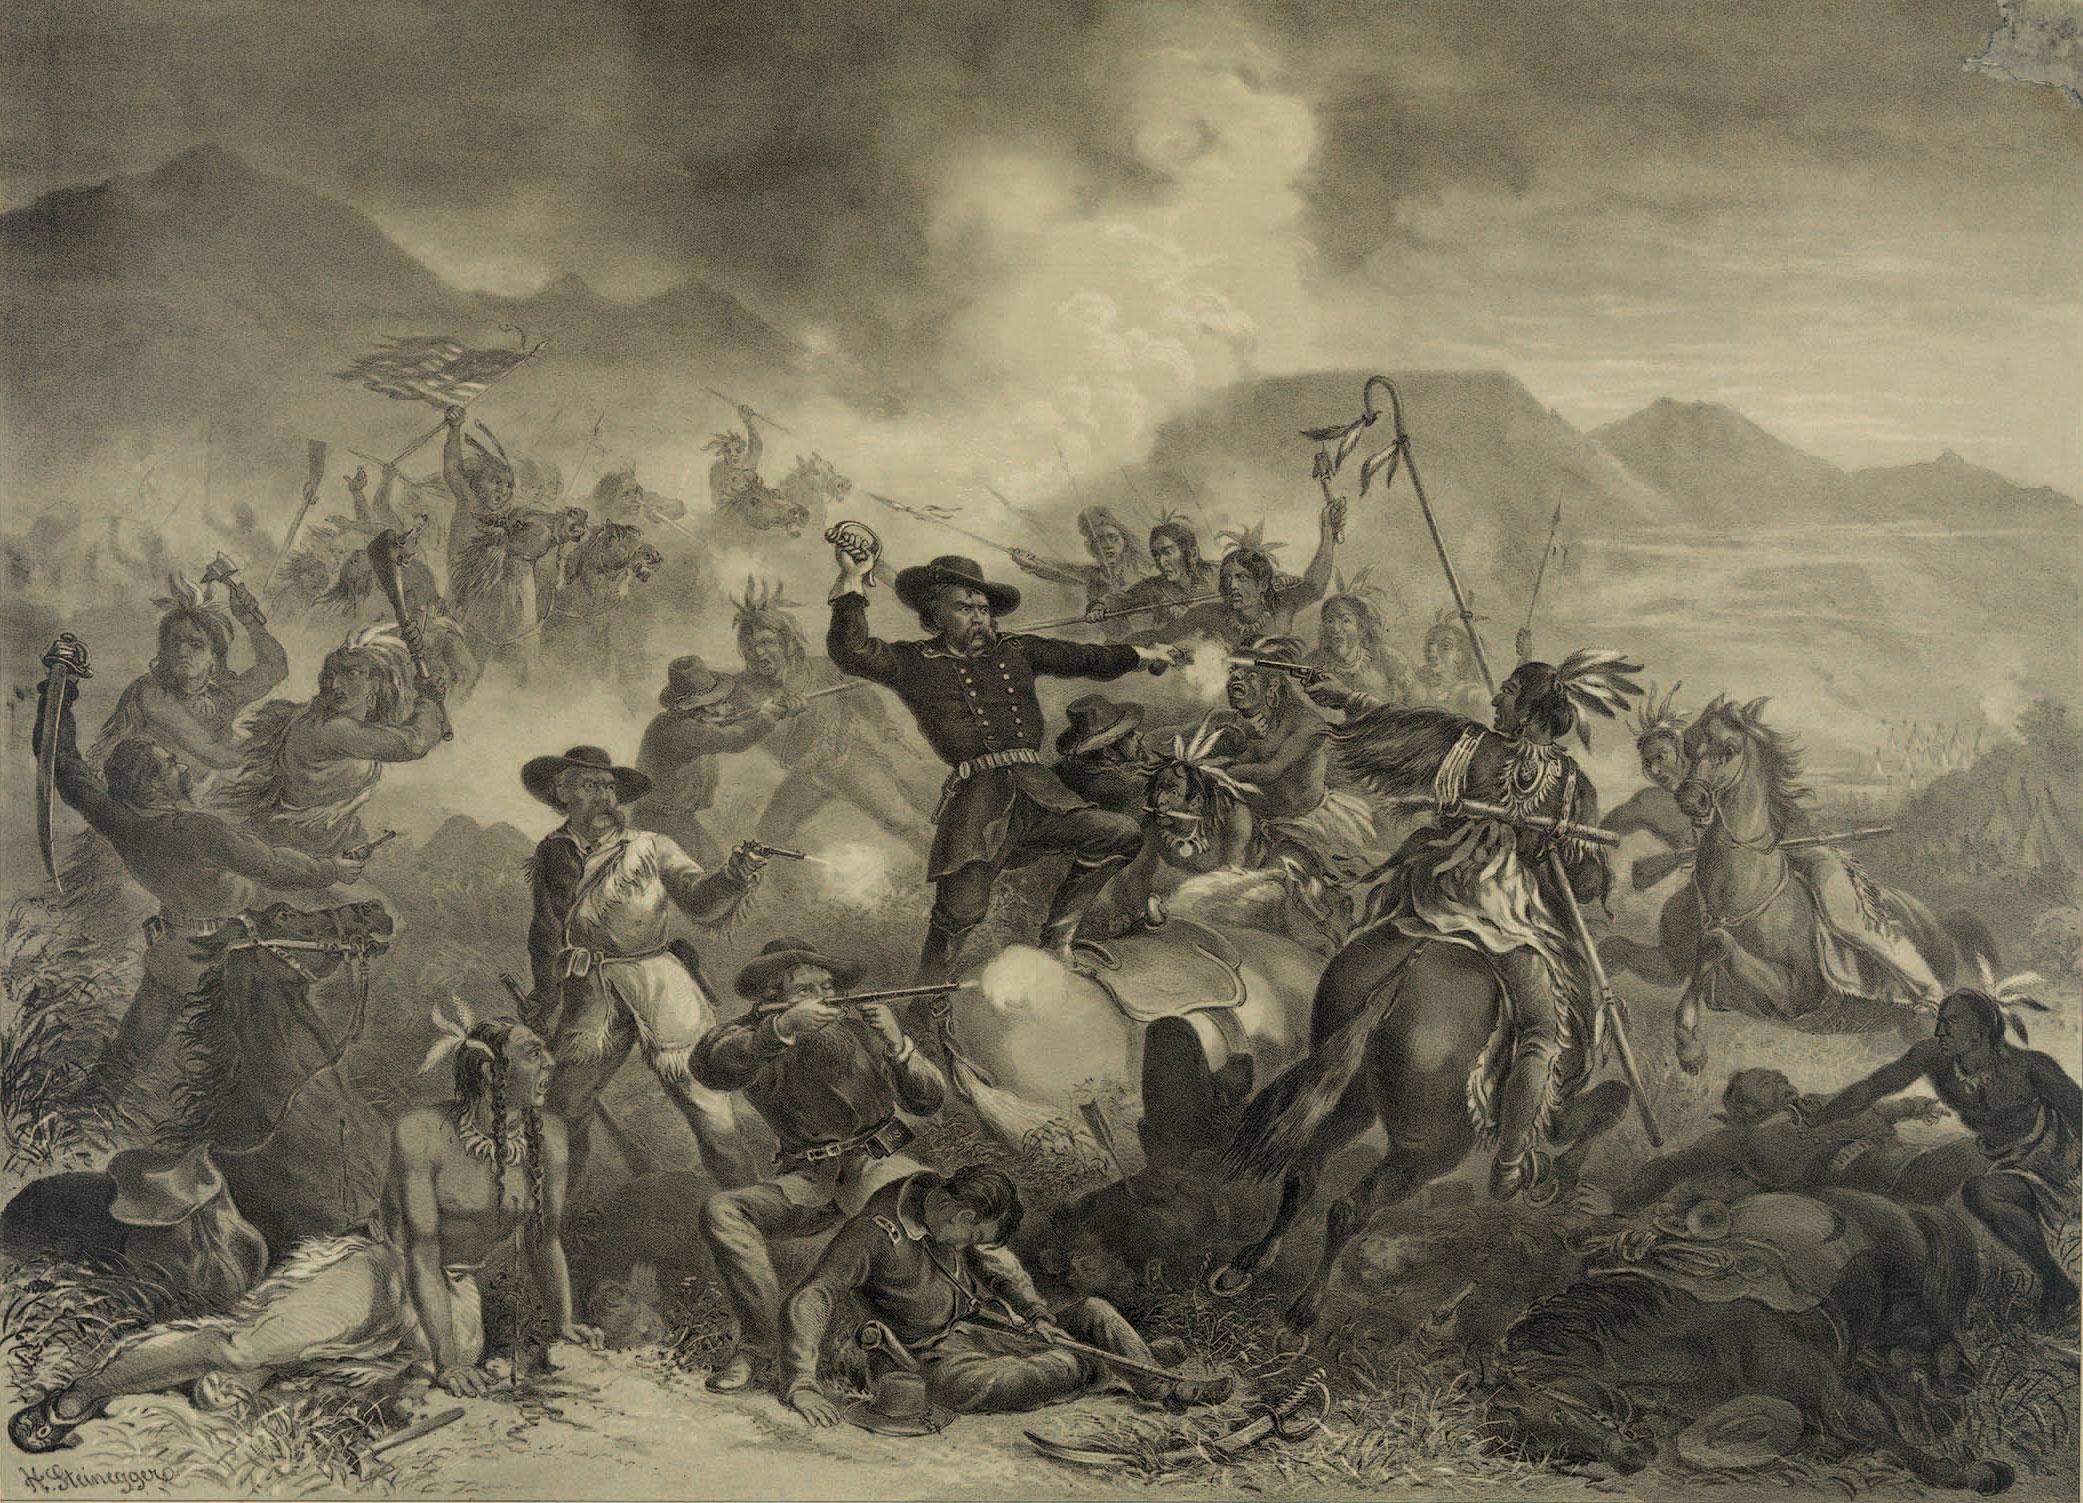 Battle of little bighorn essay